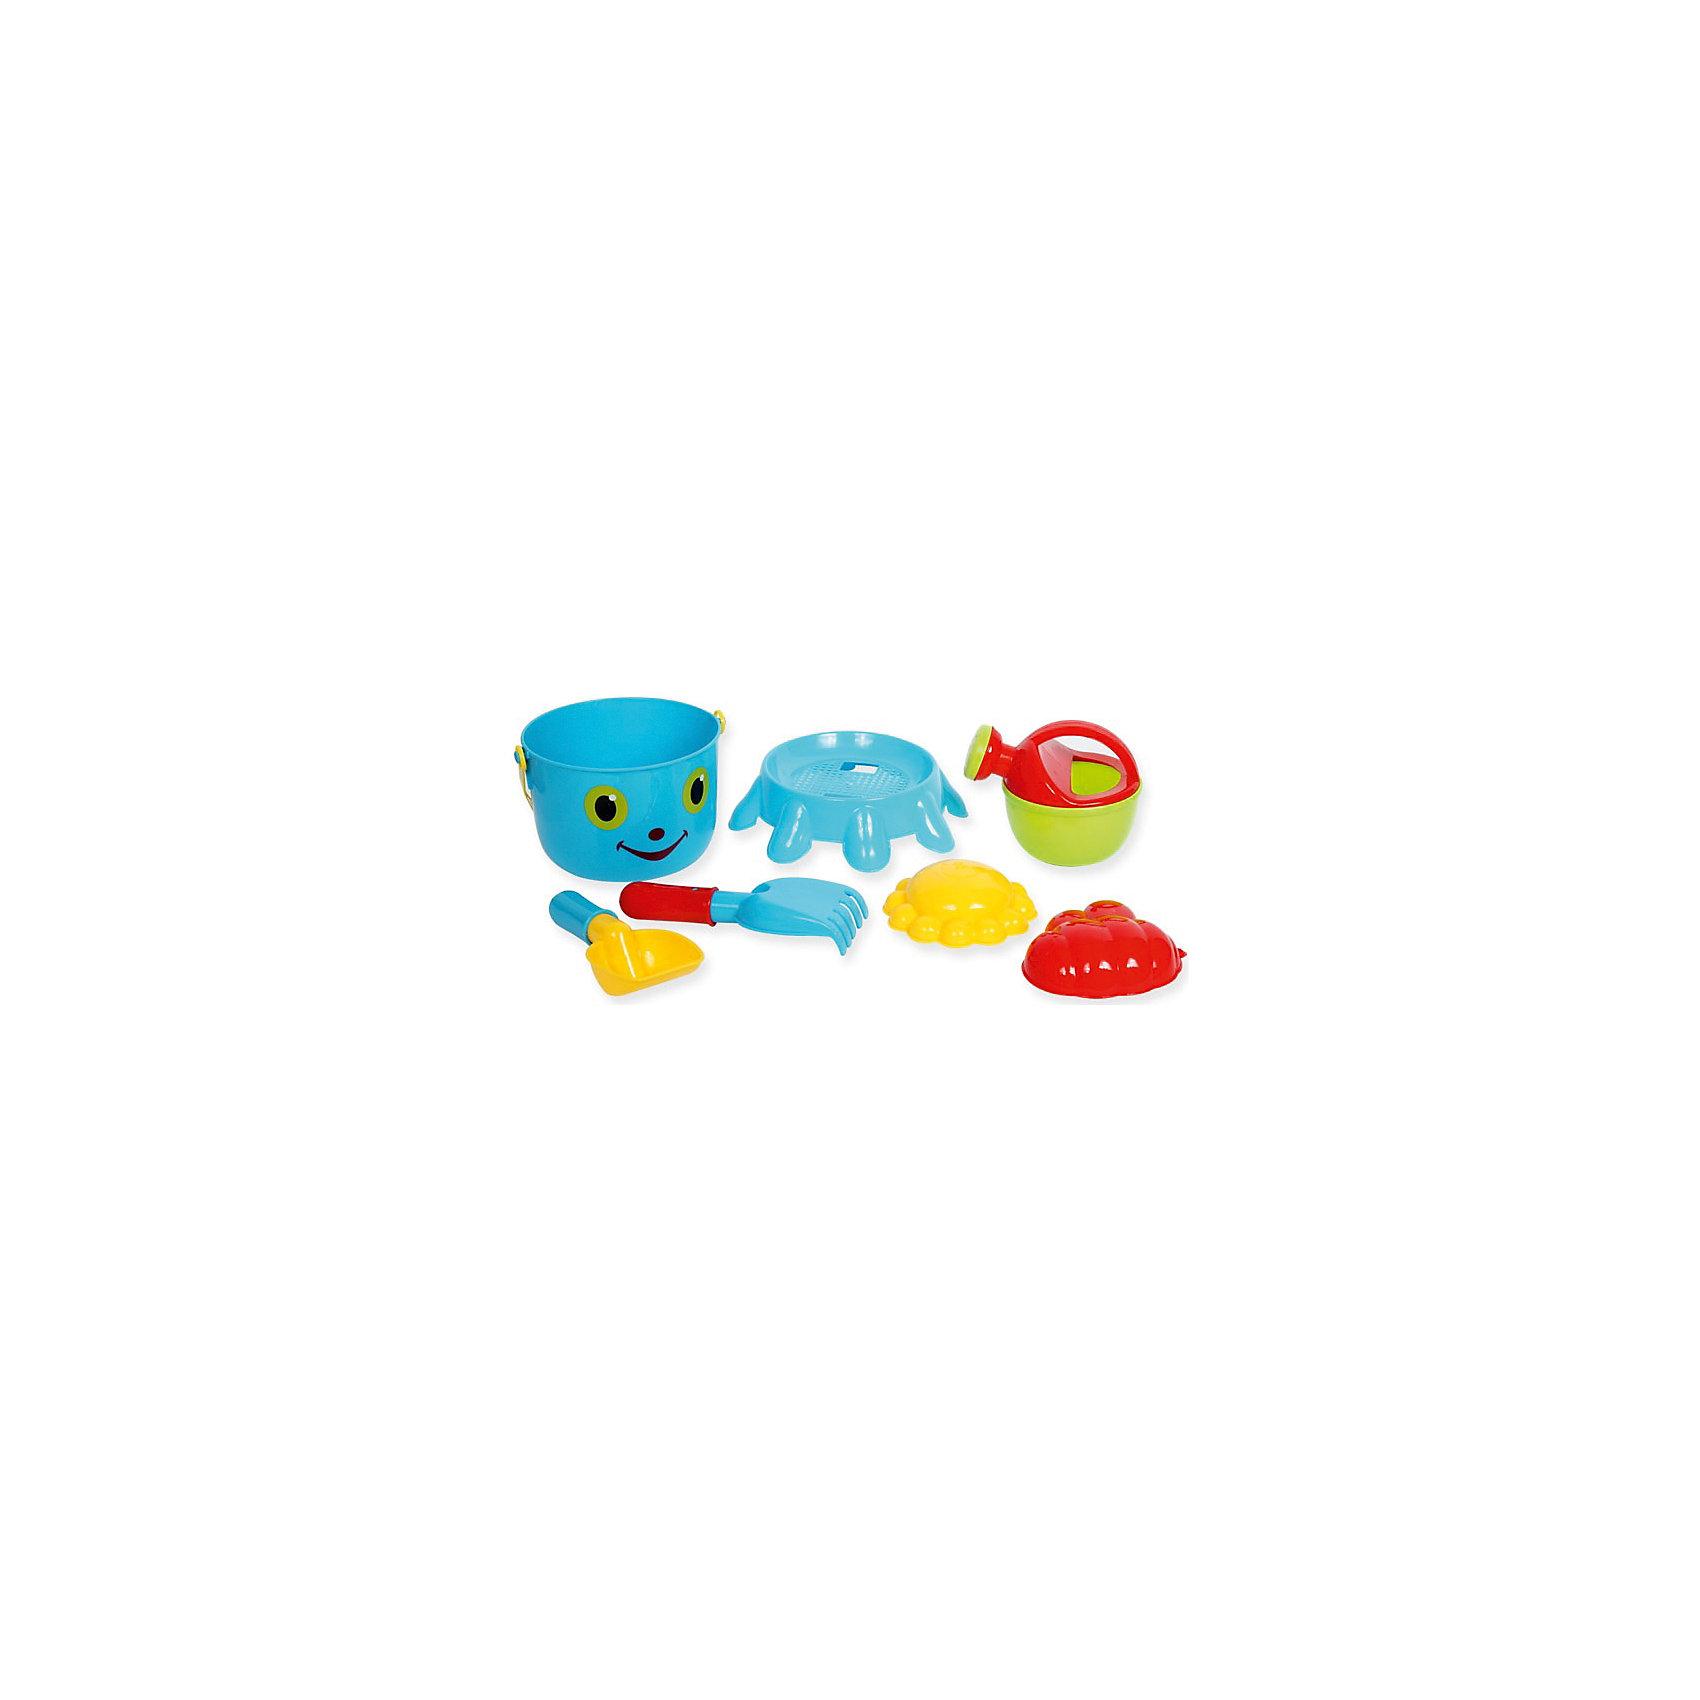 Набор №2 для игр с песком и водой7 в 1, ALTACTOИгра с песком - одна из самых любимых забав у малышей. А с красочными игрушками для песочницы любимое занятие станет еще веселее и интереснее. В набор № 2 для игр с песком и водой 7 в 1, Altacto, входят две формочки, ведёрко в виде осьминожки с забавной мордочкой, сито, лейка, совок и грабли. Все предметы имеют эргономичную форму, удобную для захвата маленькой детской ручкой. Ведерко со съемным основанием, совок, грабли и лейка прекрасно подходят для строительства сказочных замков или для садовых работ. А с помощью ярких формочек получатся симпатичные фигурки-куличики. Набор выполнен из качественного и прочного материала, не содержащего в составе вредных красителей. Способствует развитию тактильных ощущений, мелкой и крупной моторики, а также двигательной активности ребенка.<br><br>Дополнительная информация:        <br><br>- В комплекте: 2 формочки, 1 ведерко, 1 сито, 1 лейка. 1 грабли, 1 совок.<br>- Материал: пластик. <br>- Размер упаковки: 19 х 19 х 22 см.<br>- Вес: 0,27 кг.<br><br>Набор № 2 для игр с песком и водой 7 в 1, Altacto, можно купить в нашем интернет-магазине.<br><br>Ширина мм: 190<br>Глубина мм: 190<br>Высота мм: 220<br>Вес г: 270<br>Возраст от месяцев: 36<br>Возраст до месяцев: 72<br>Пол: Унисекс<br>Возраст: Детский<br>SKU: 4622266